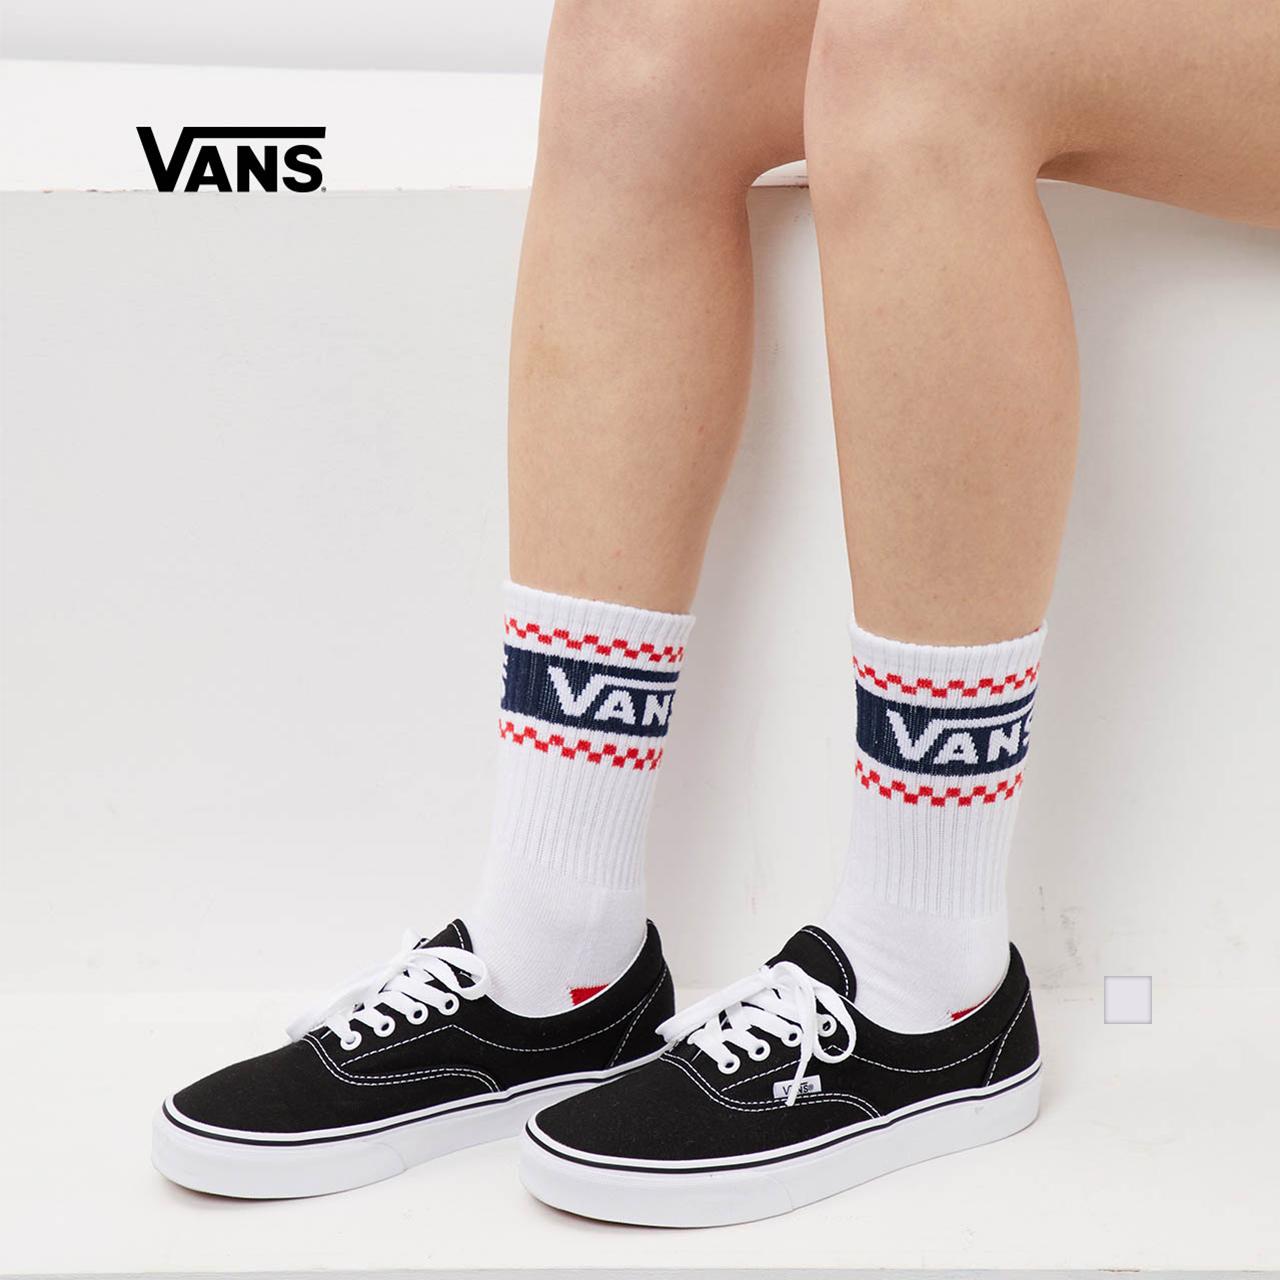 Vans范斯 女子长袜 袜子 运动休闲正品 thumbnail